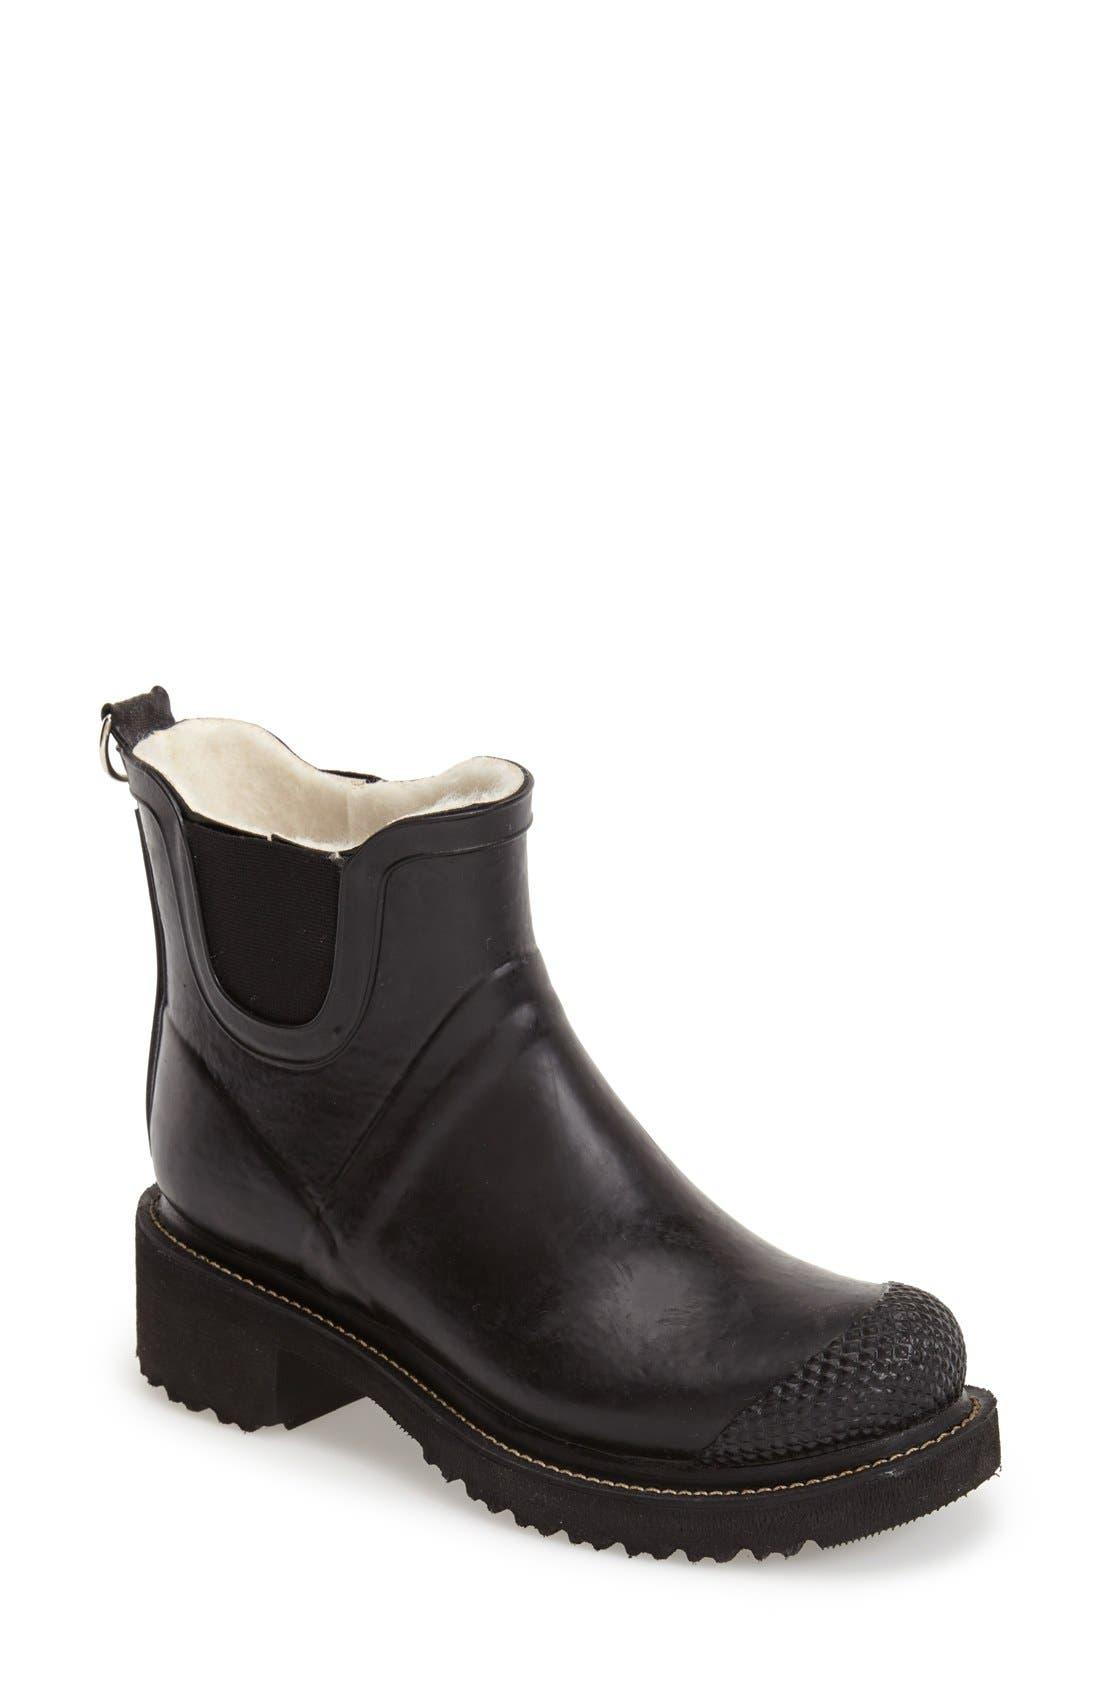 Alternate Image 1 Selected - Ilse Jacobsen Hornbaek 'RUB 47' Short Waterproof Rain Boot (Women)